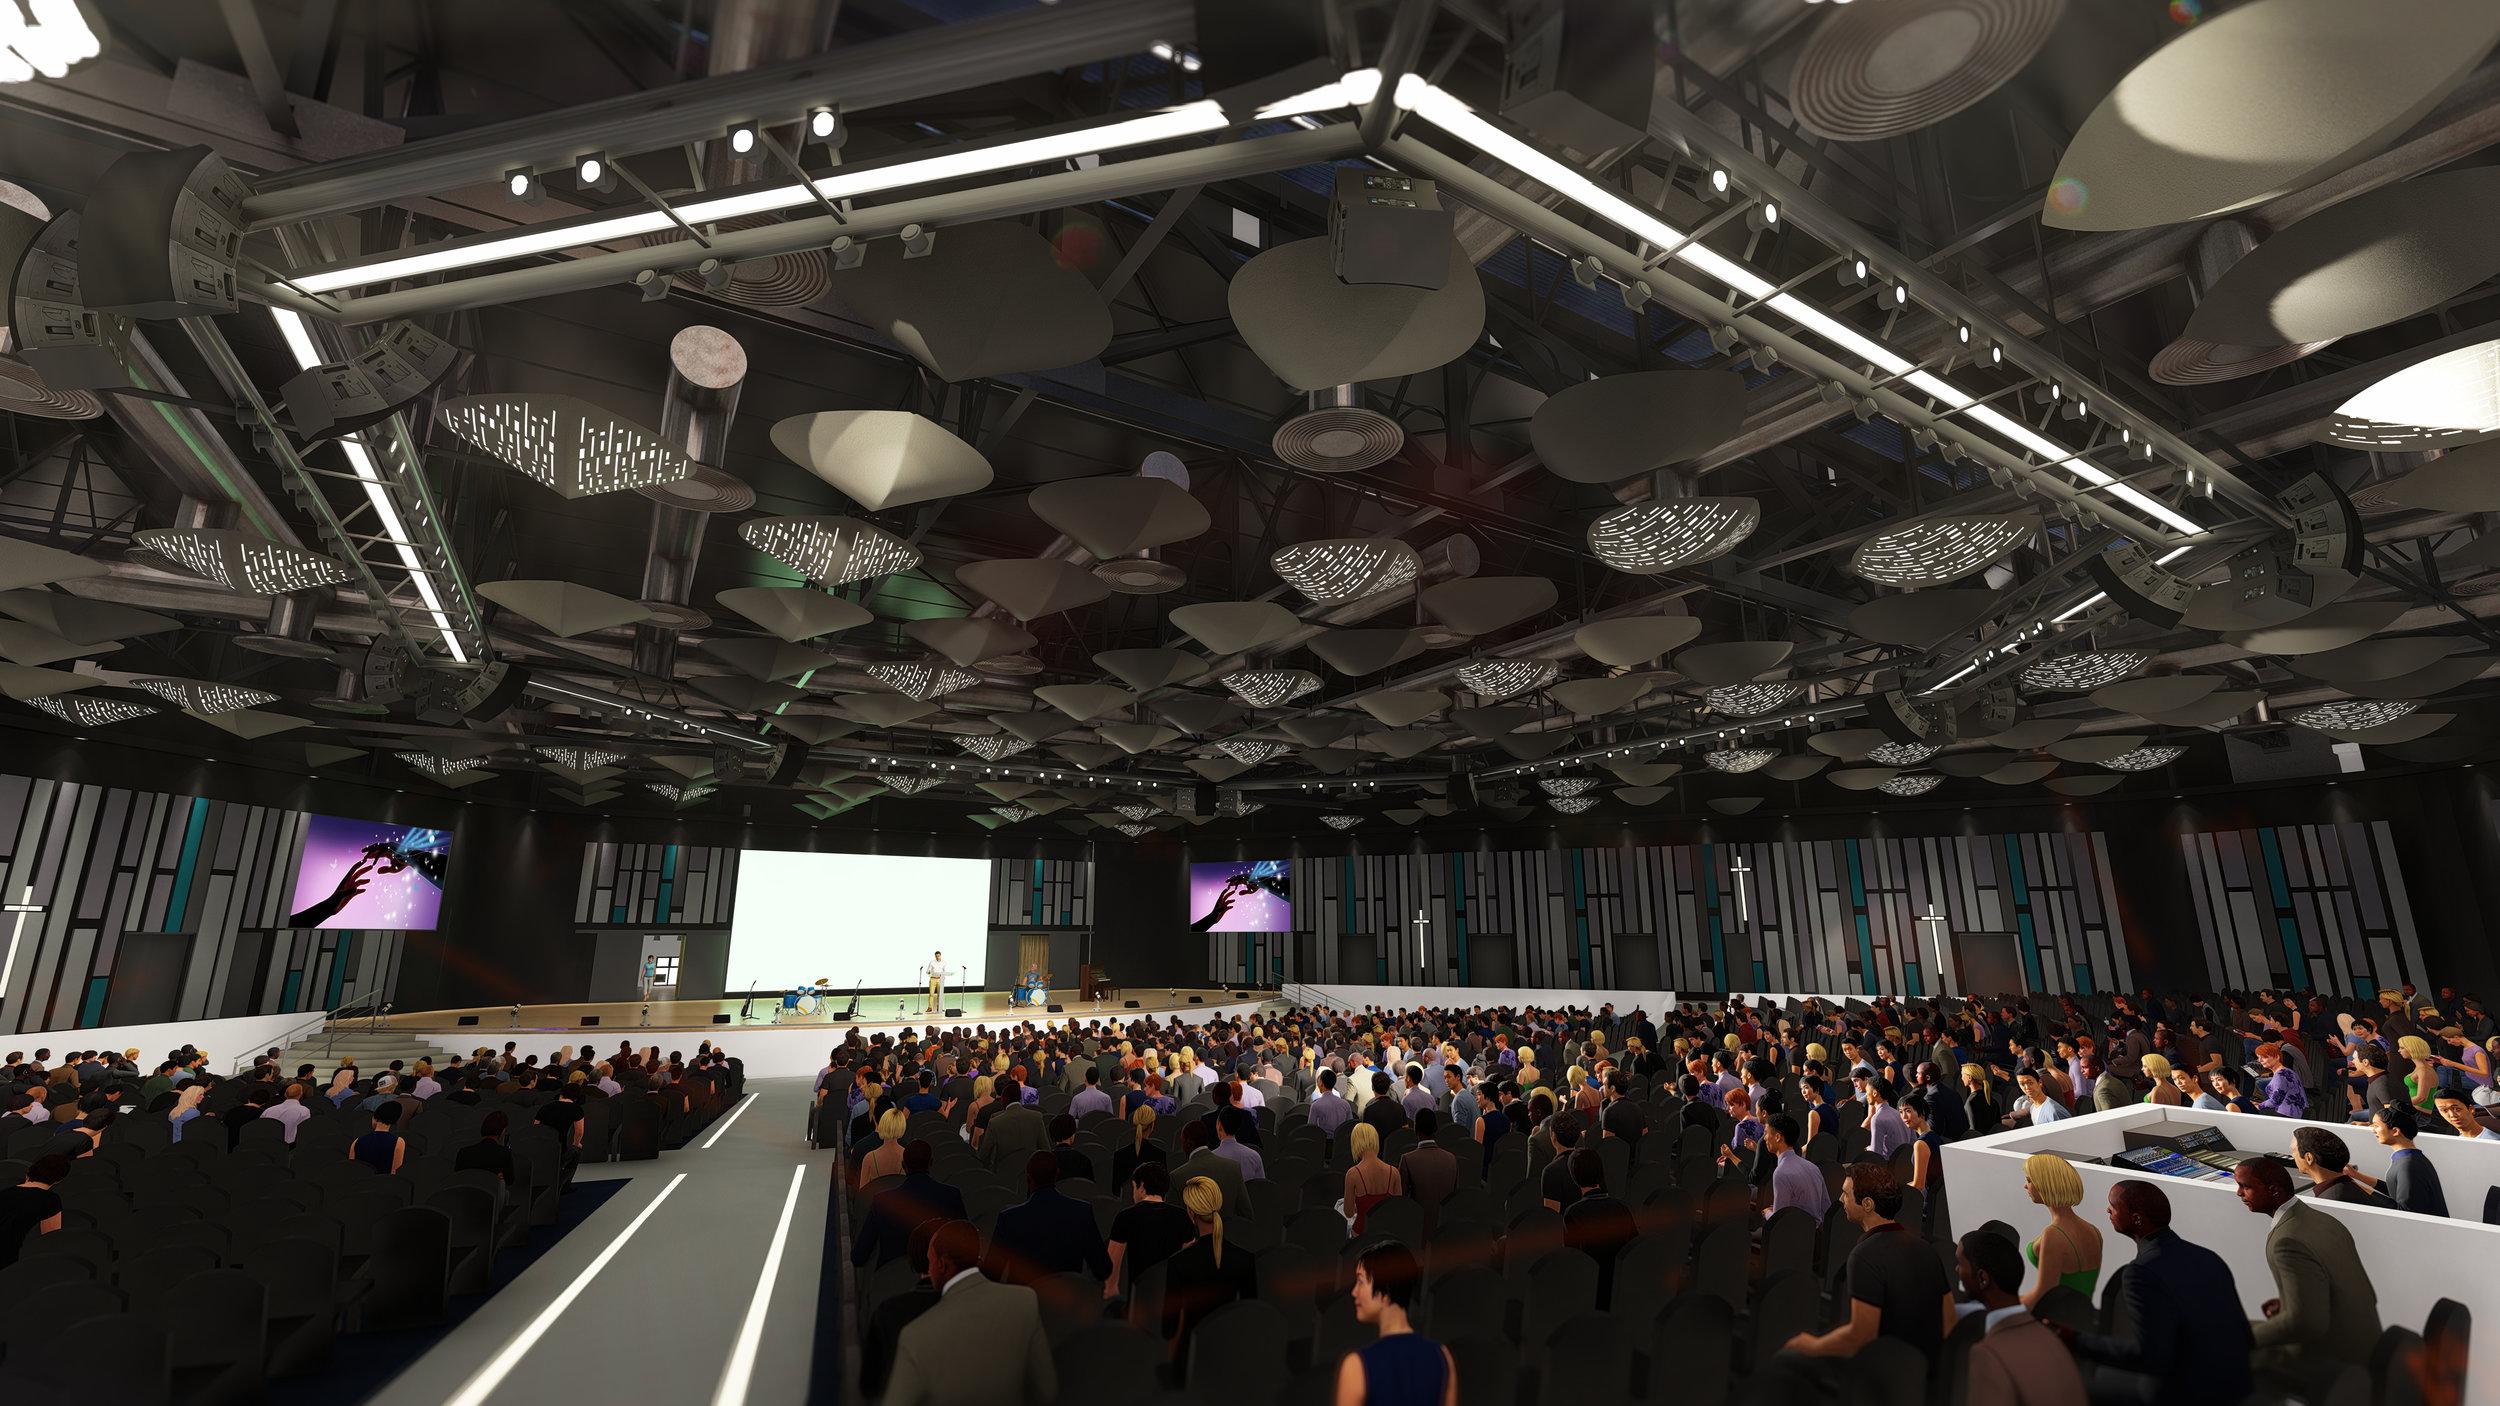 1_auditorium 1.jpg